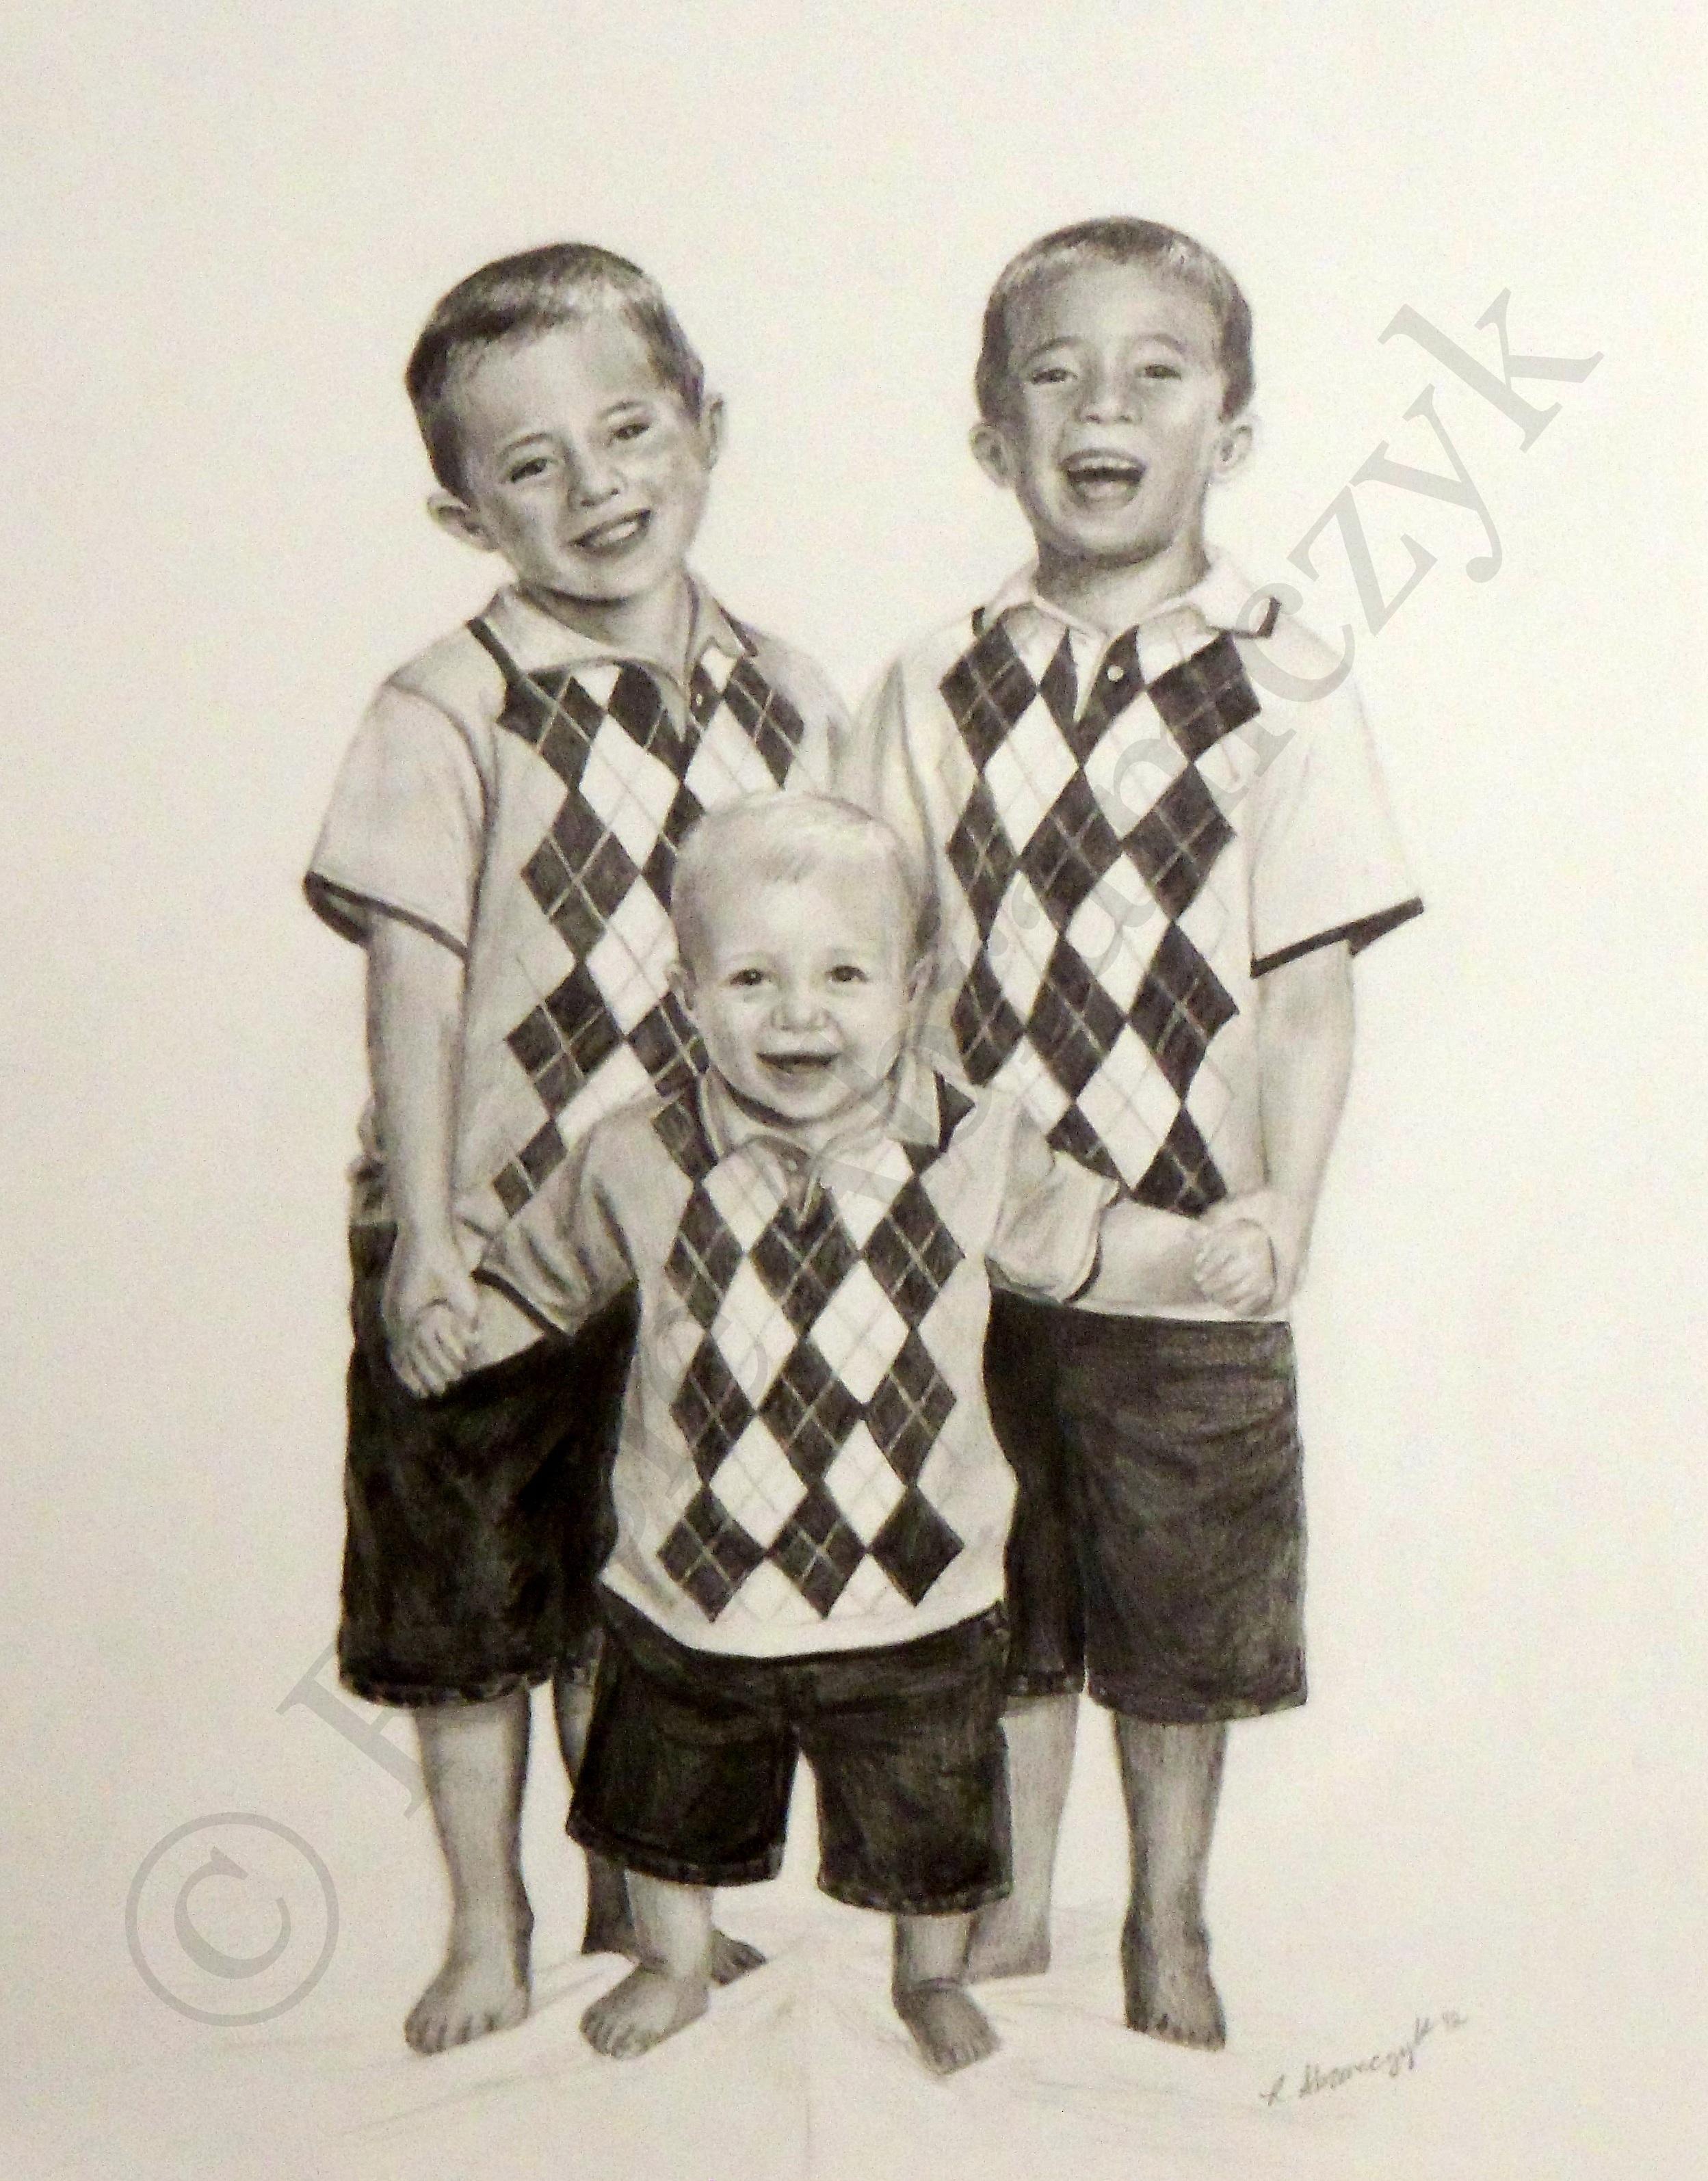 Zeitler Boys, Rosie Abramczyk 2012, Pencil